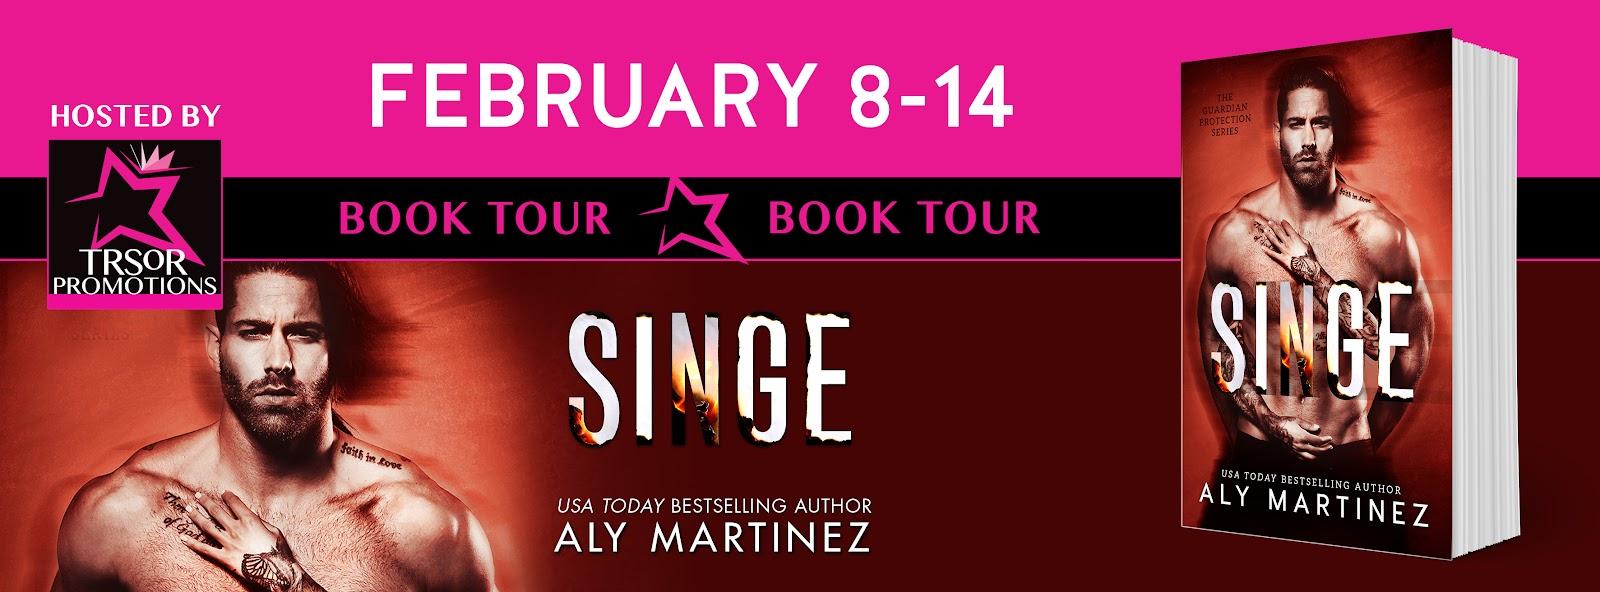 SINGE_BOOK_TOUR.jpg